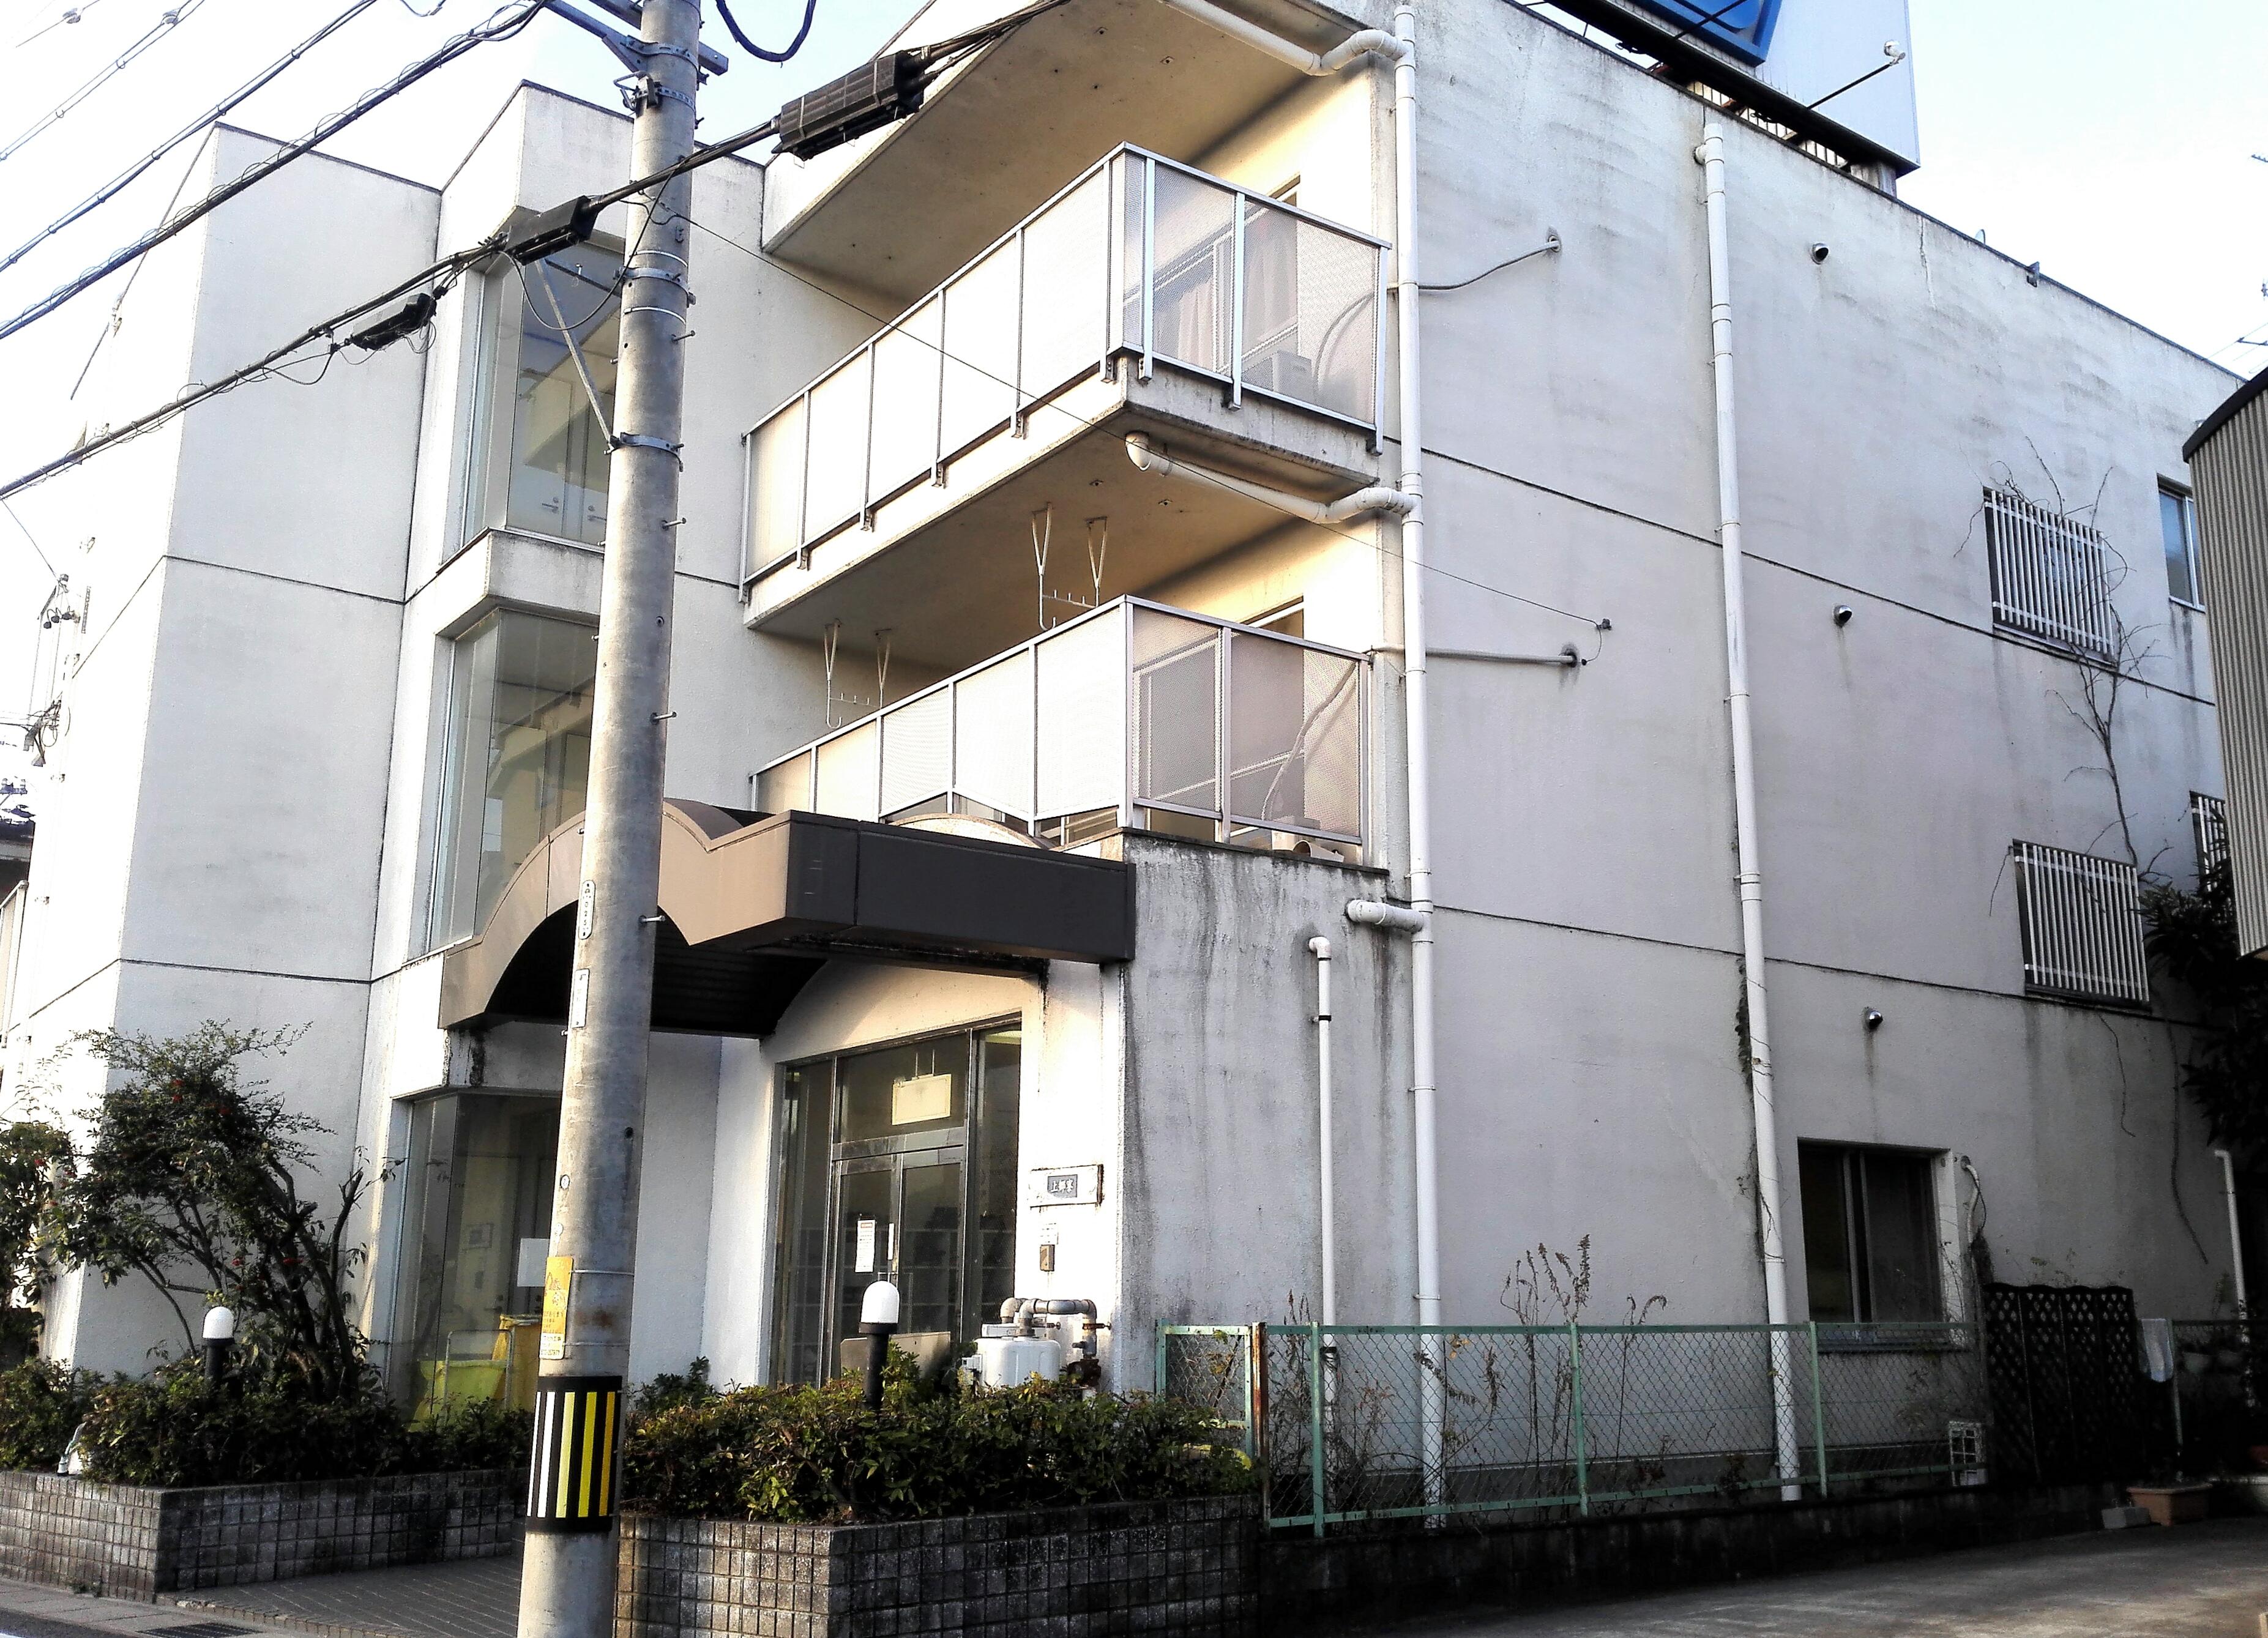 三菱自動車の上郷寮周辺では一通りのモノは揃うも店が少ない!愛環線を活用しよう